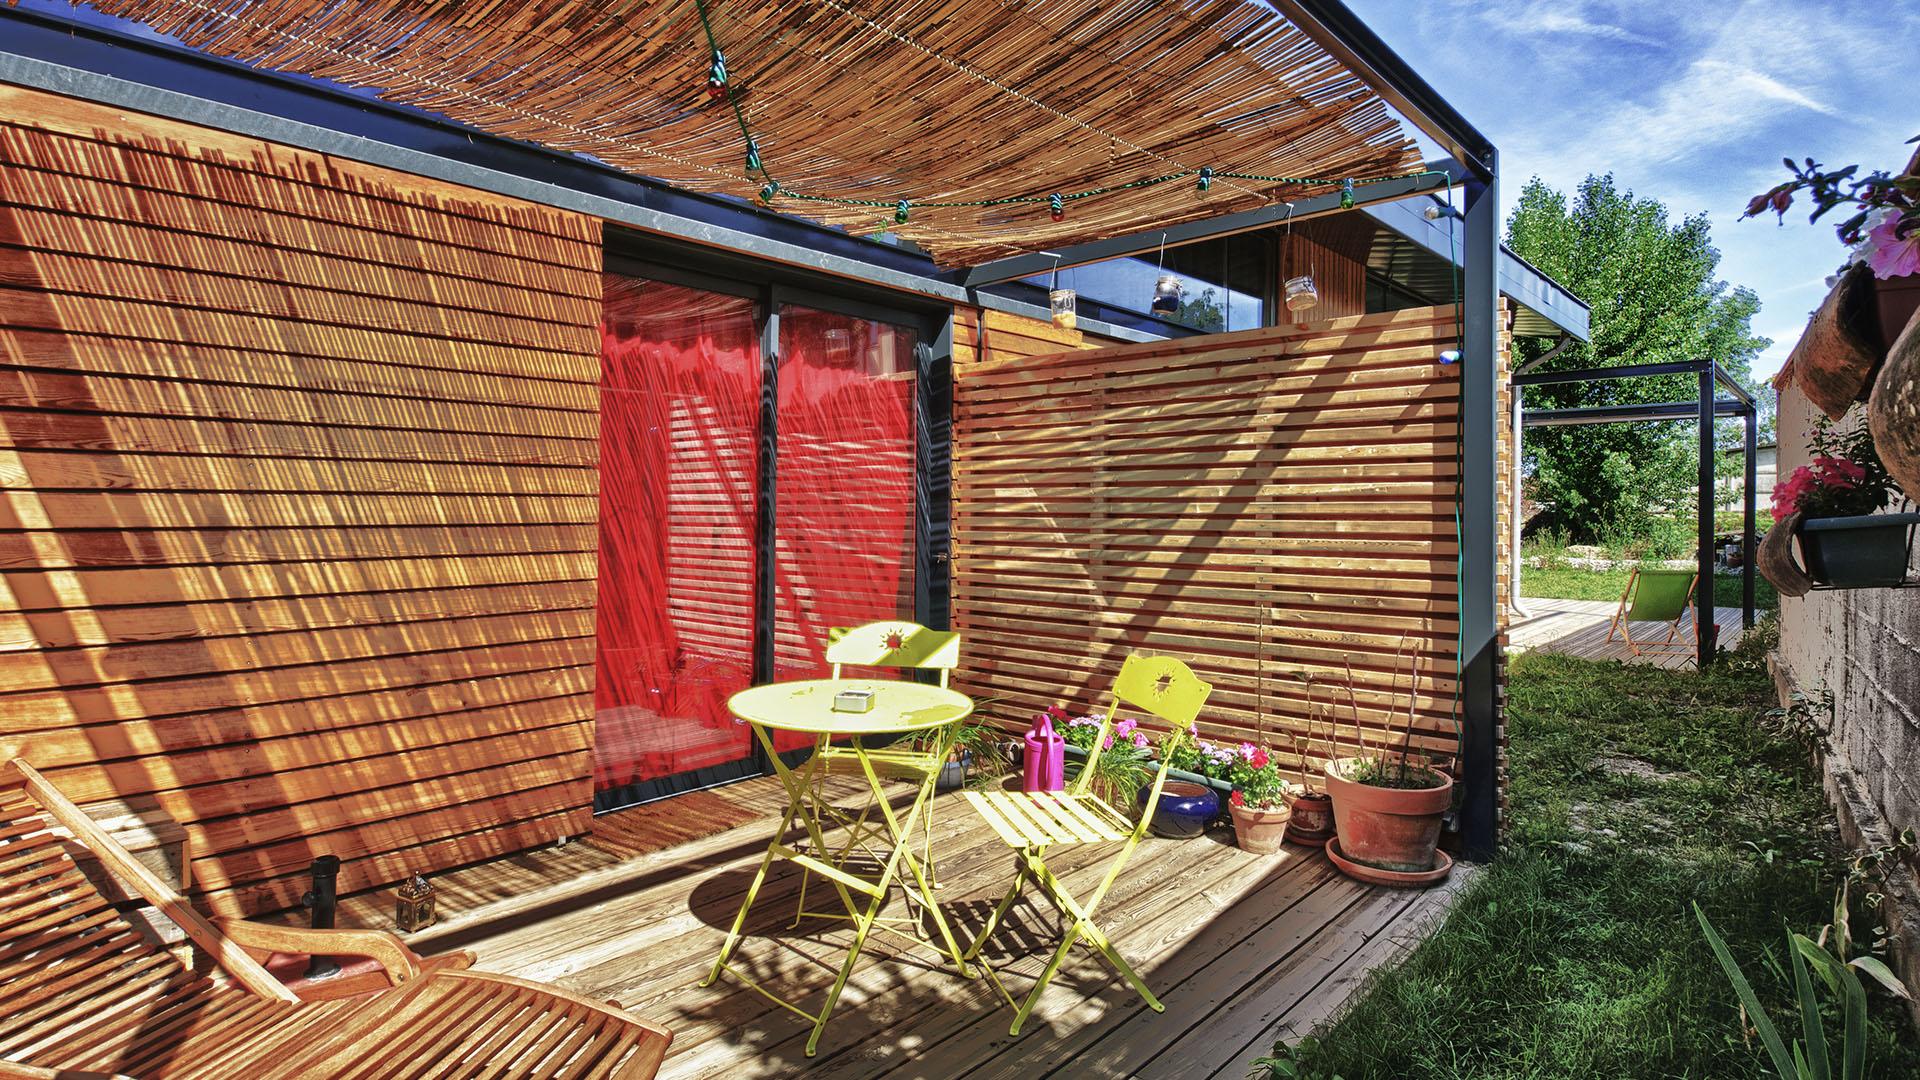 03-Seuil-Architecture-logements-Basques-crédit-ph.-Stéphane-Brugidou